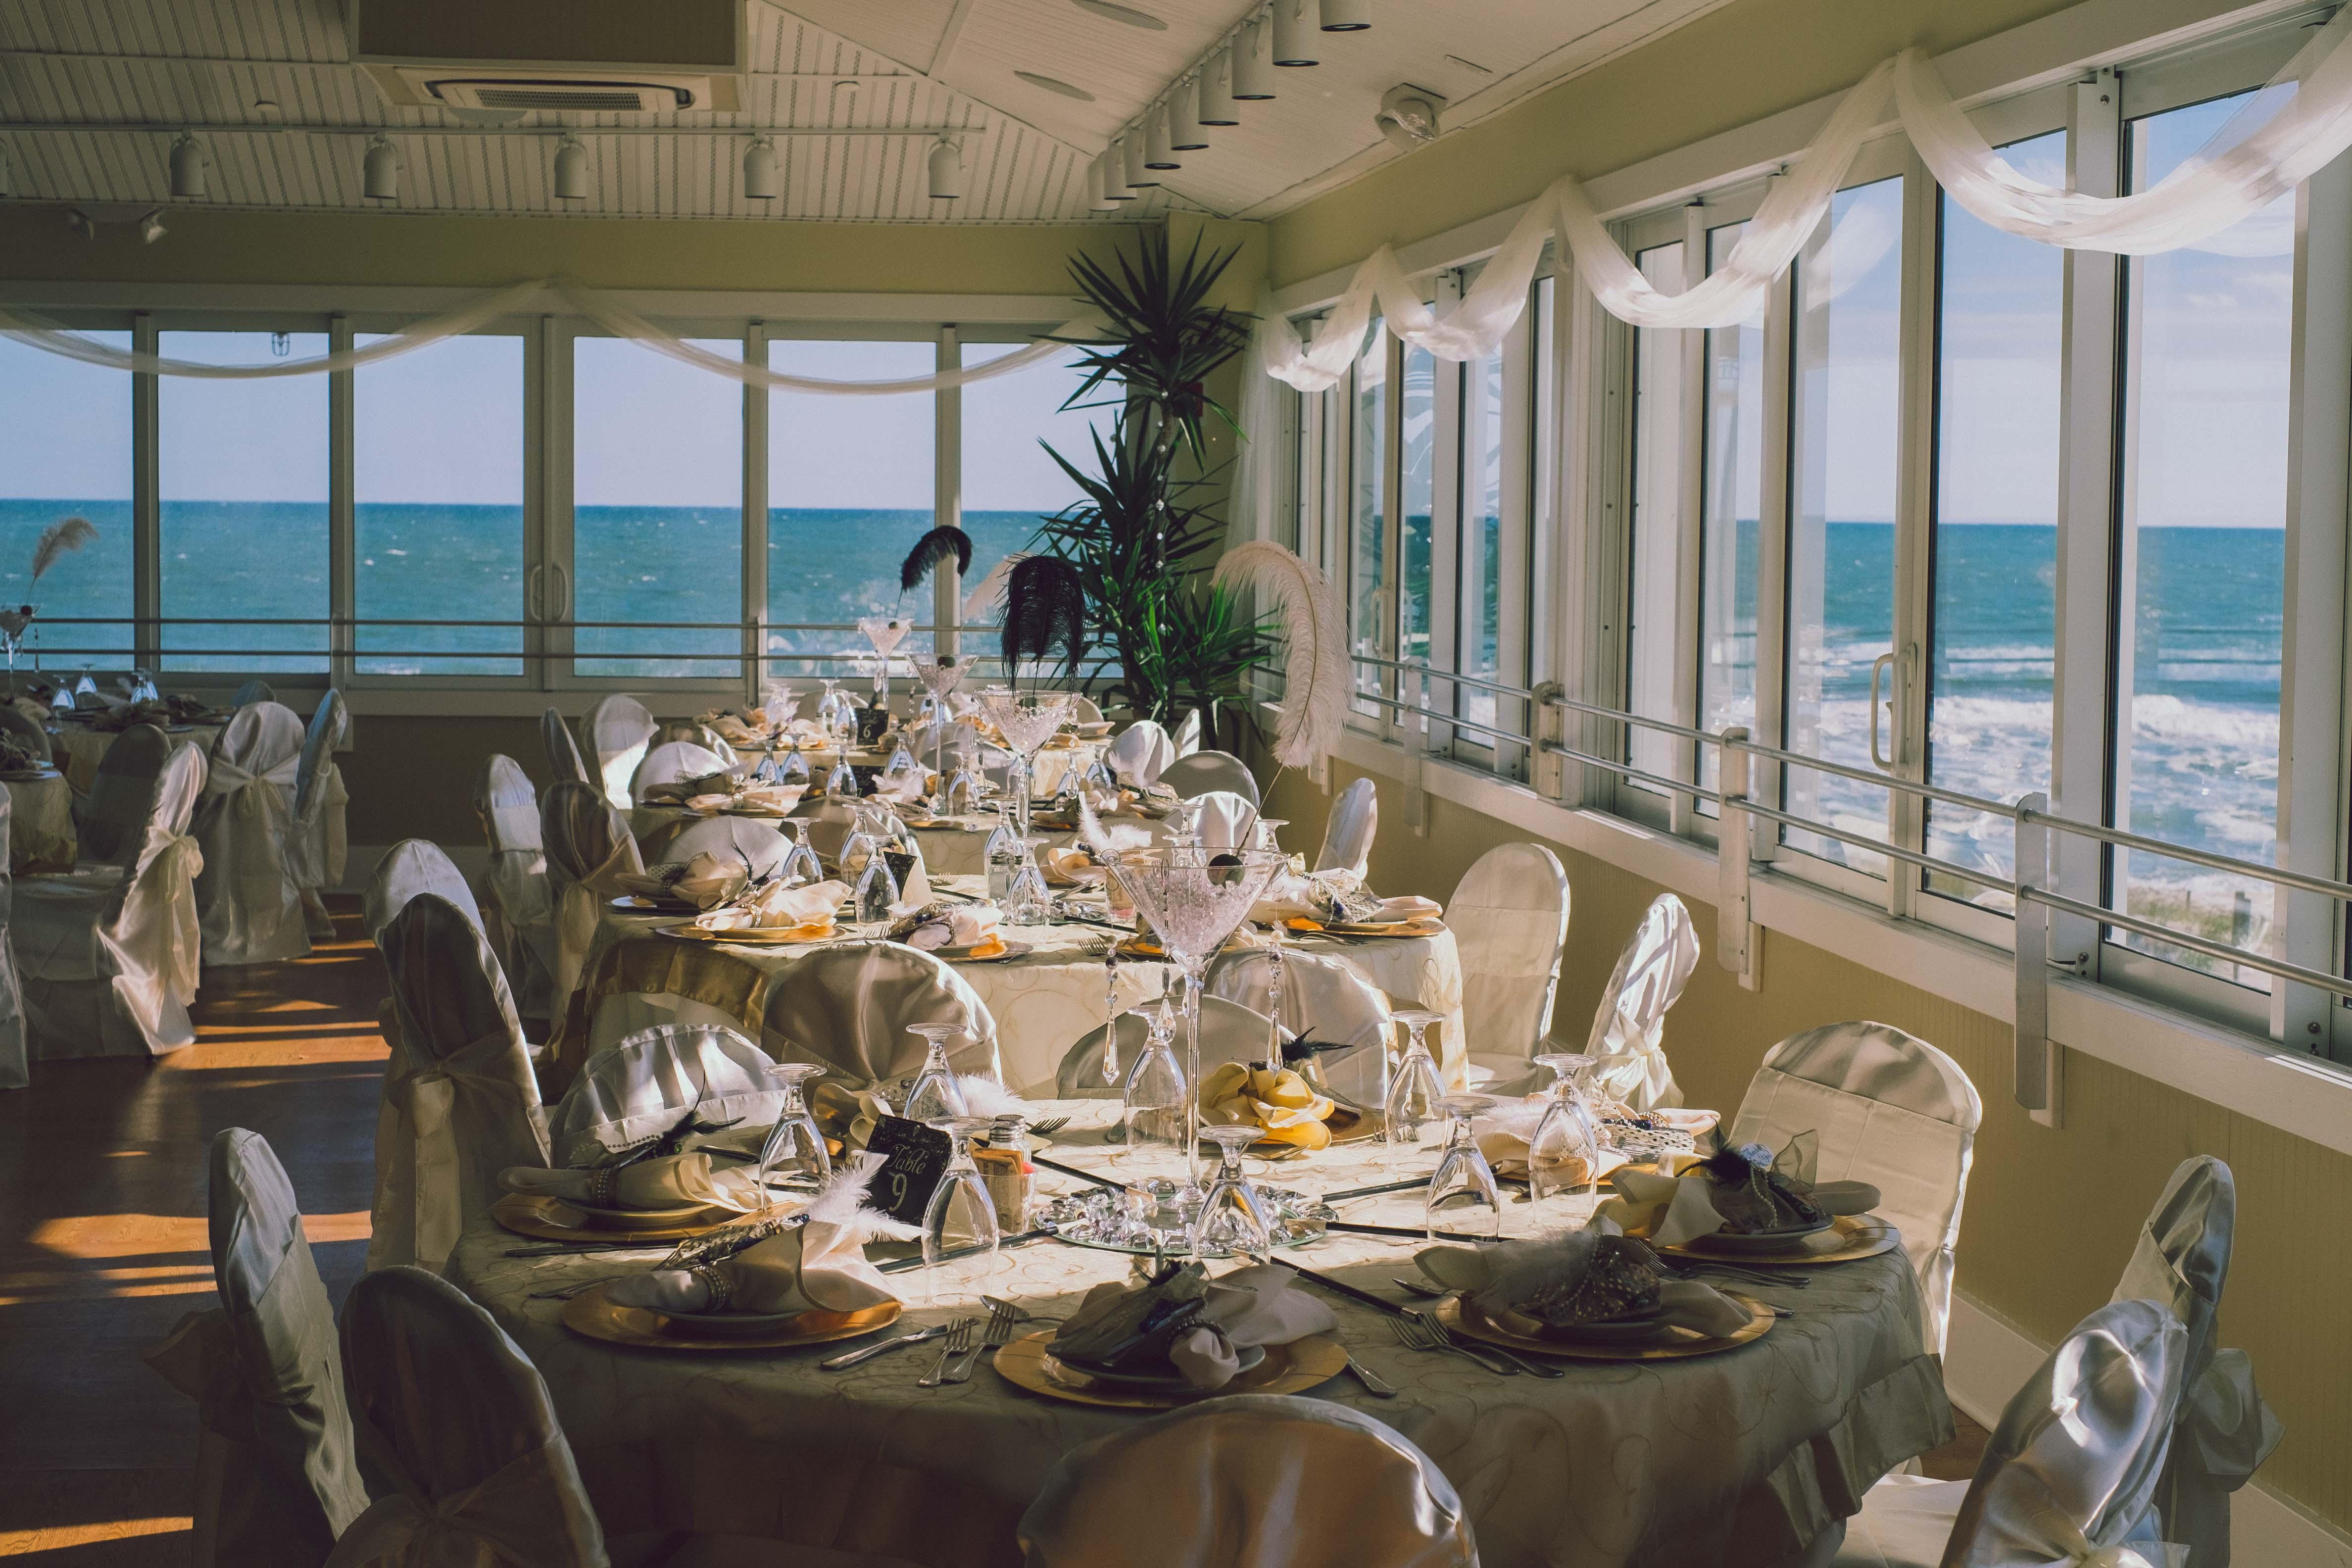 South Beach Park Pavilion